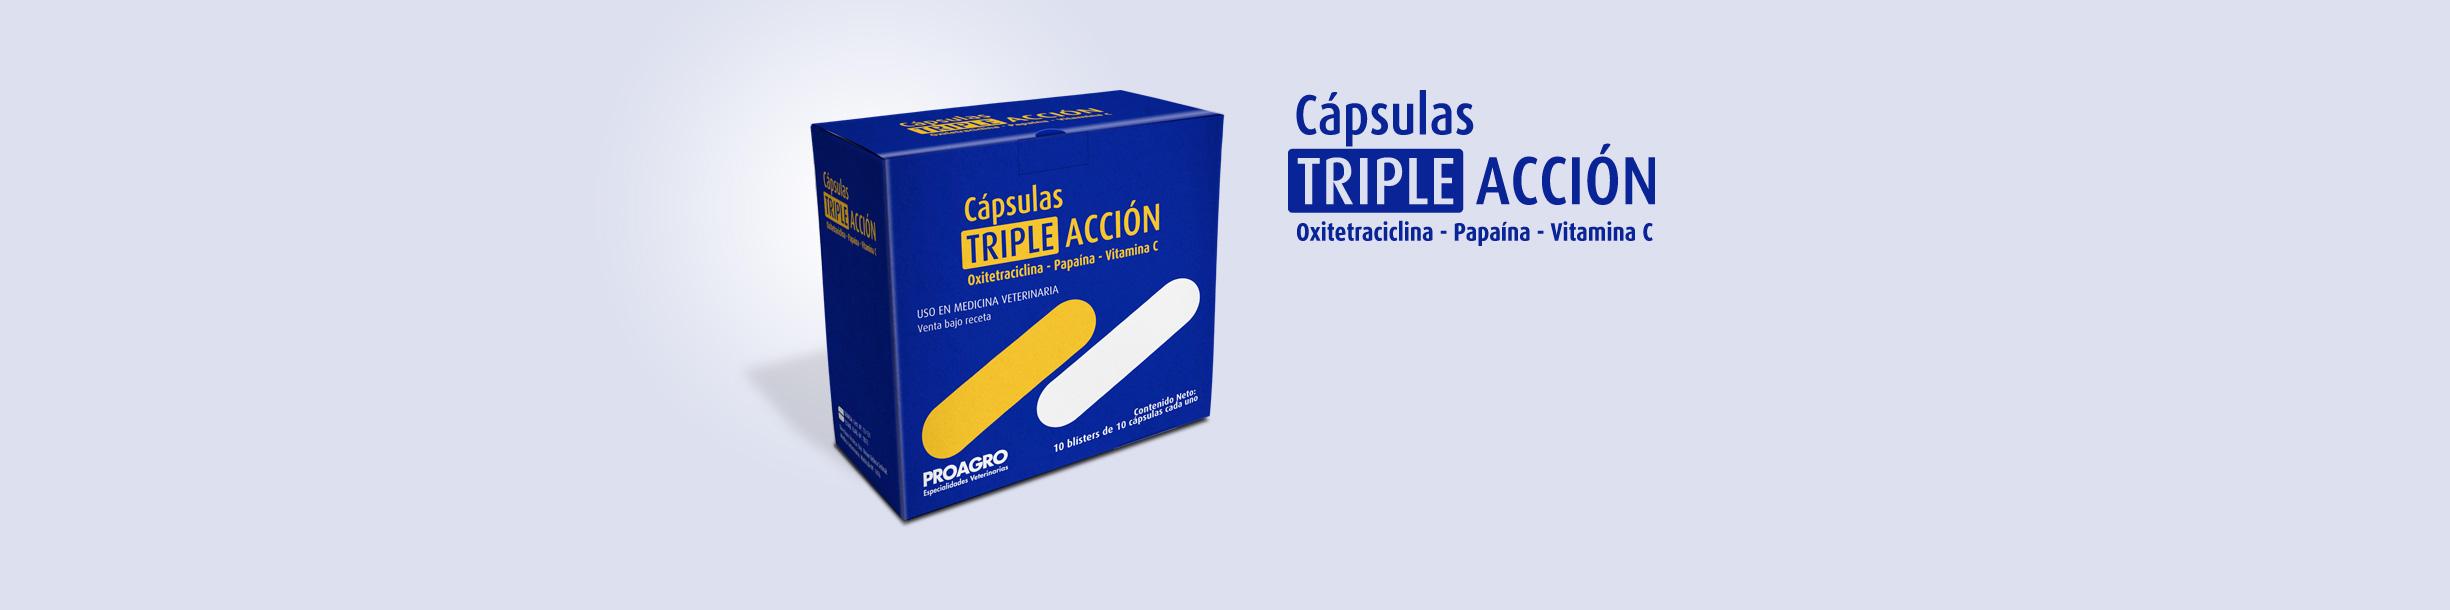 casulas-triple-accion